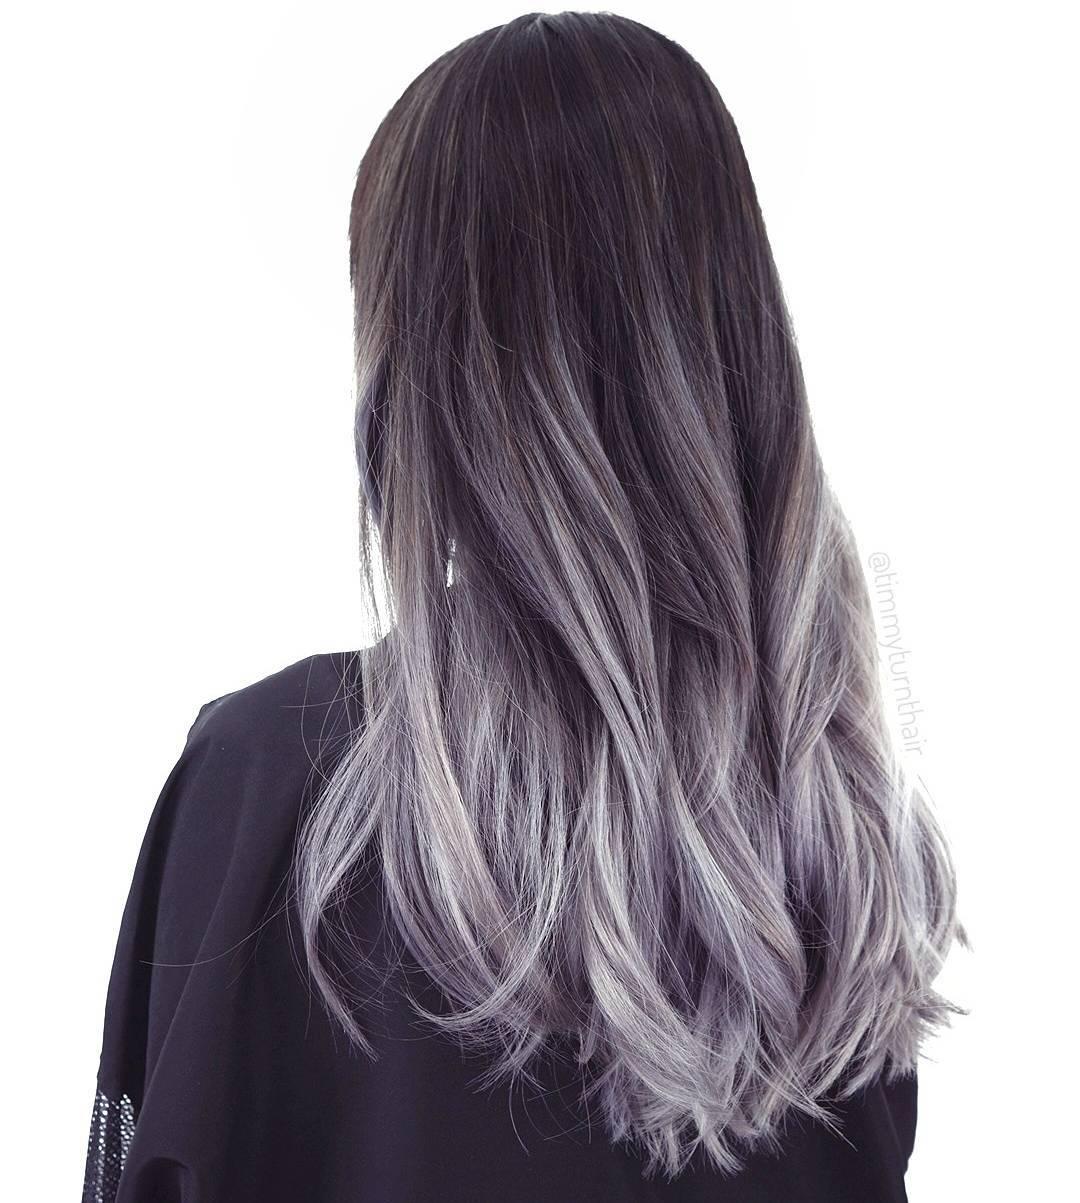 Окраска волос в пепельный цвет в картинках